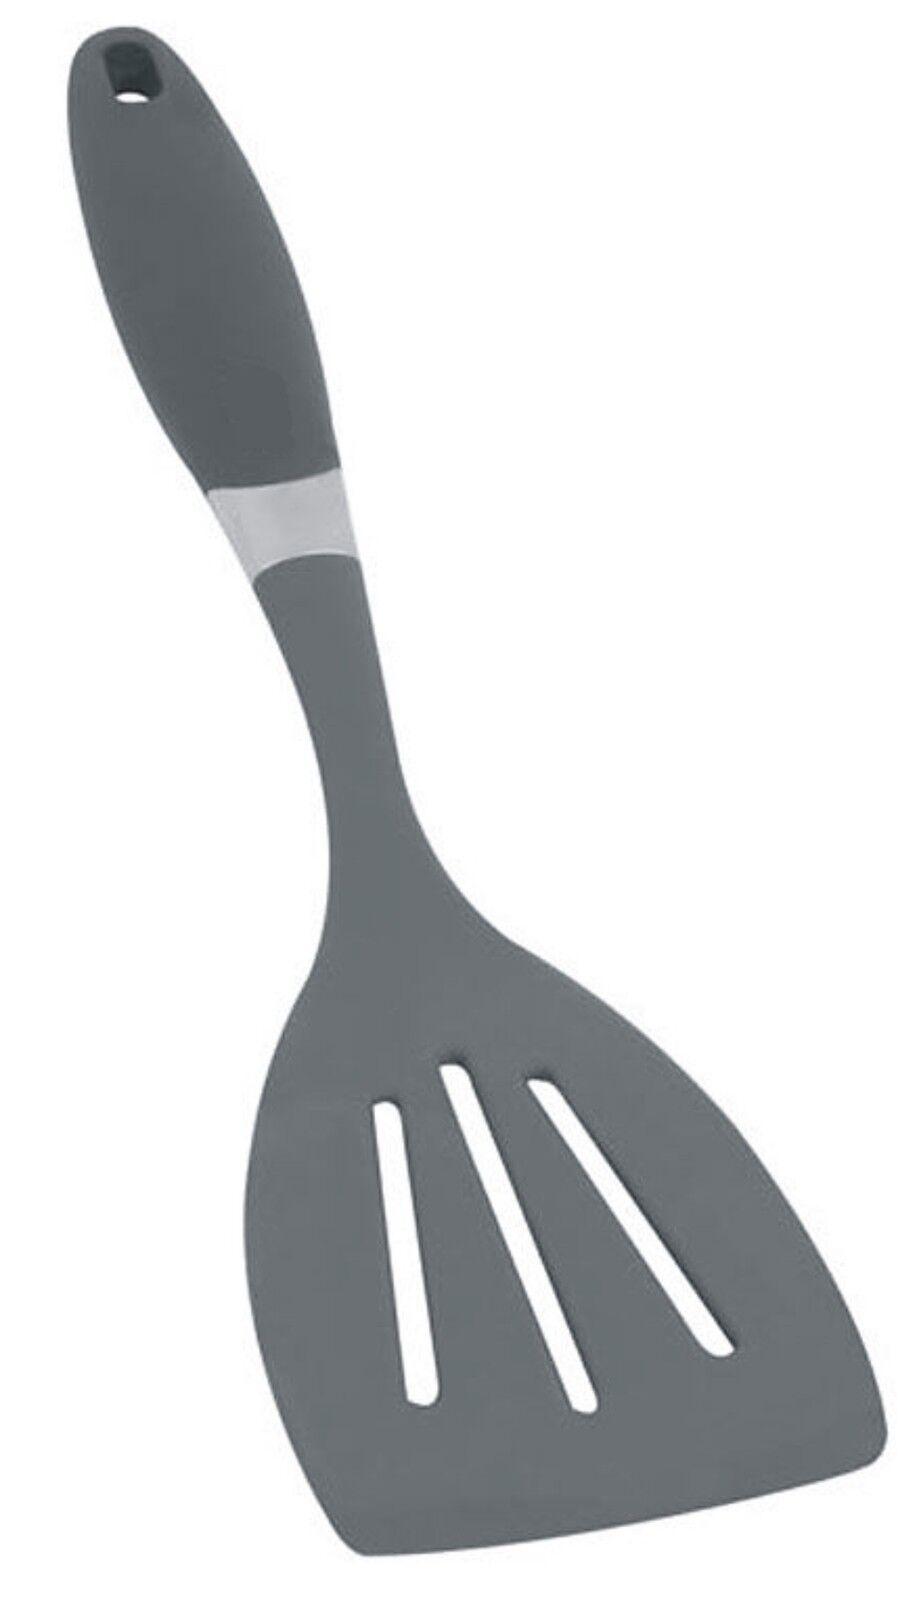 ecko nonstick Long Handle Turner durable kitchen utensils